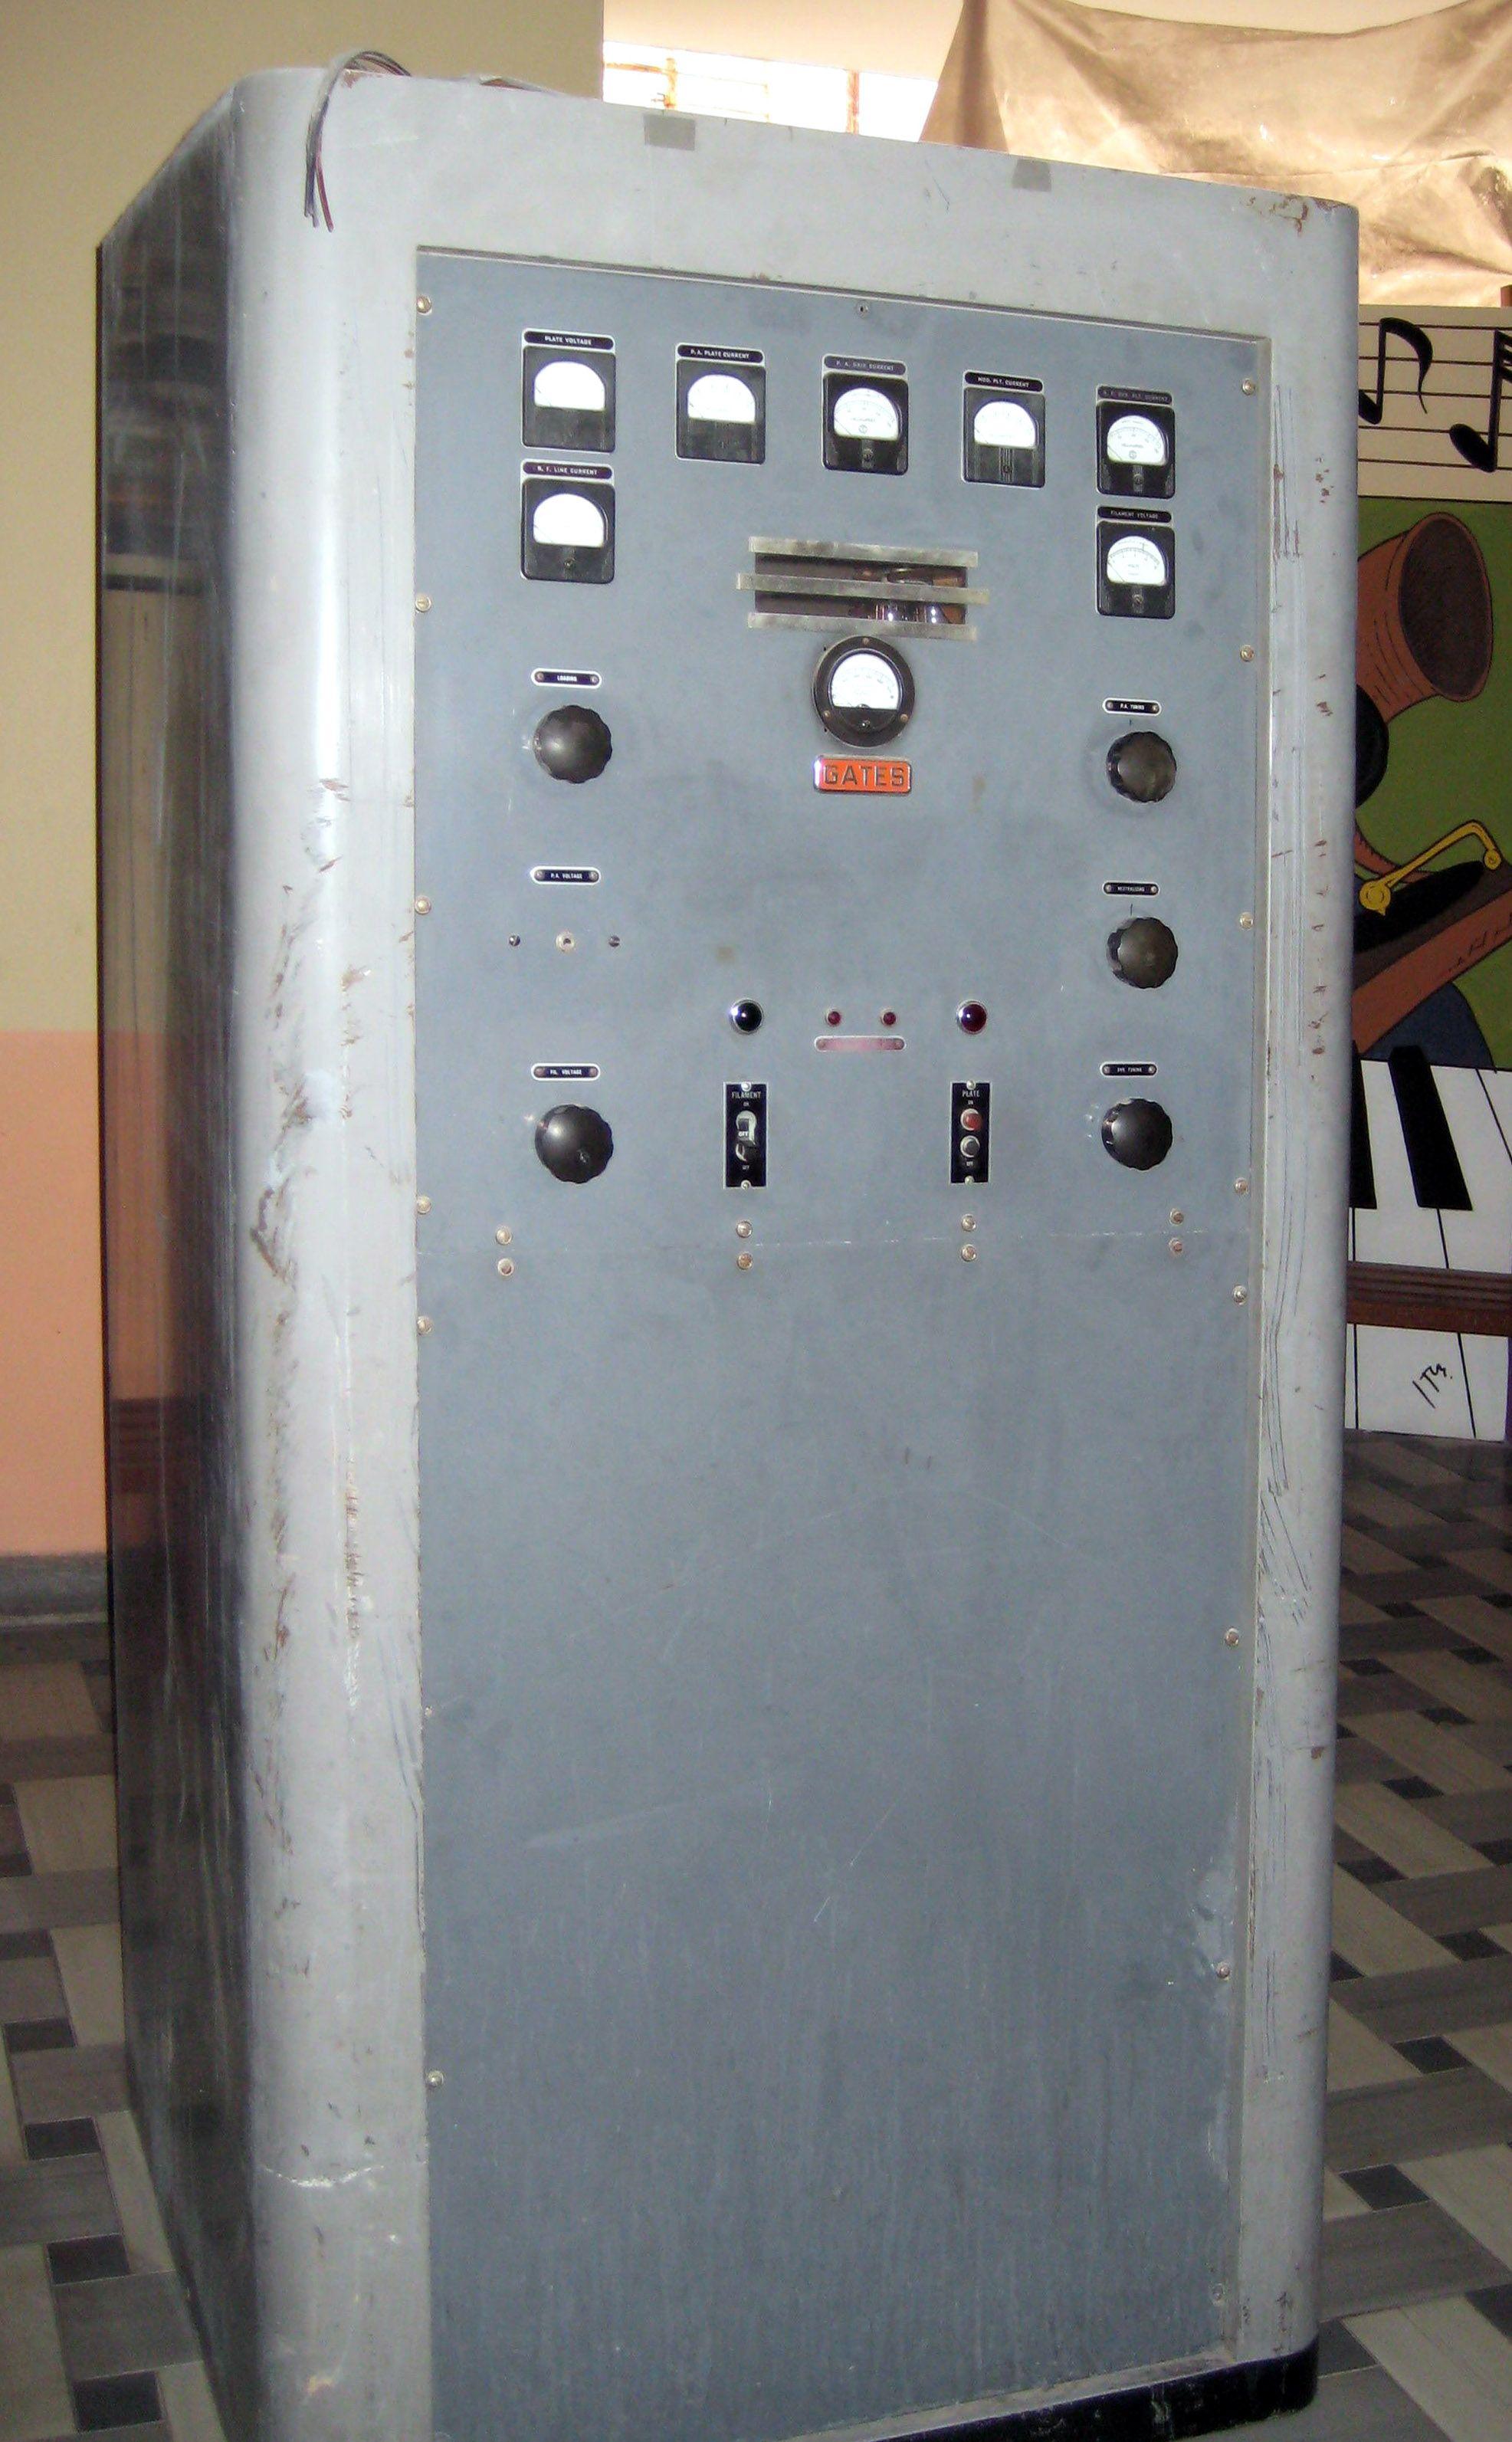 Essay On Radio Essay On Landlord Lease Termination Letter Radio World Remembering The Gates Radio Company Photo Essay  Baefedceaaddbbefe  Essay On Radio Essay On